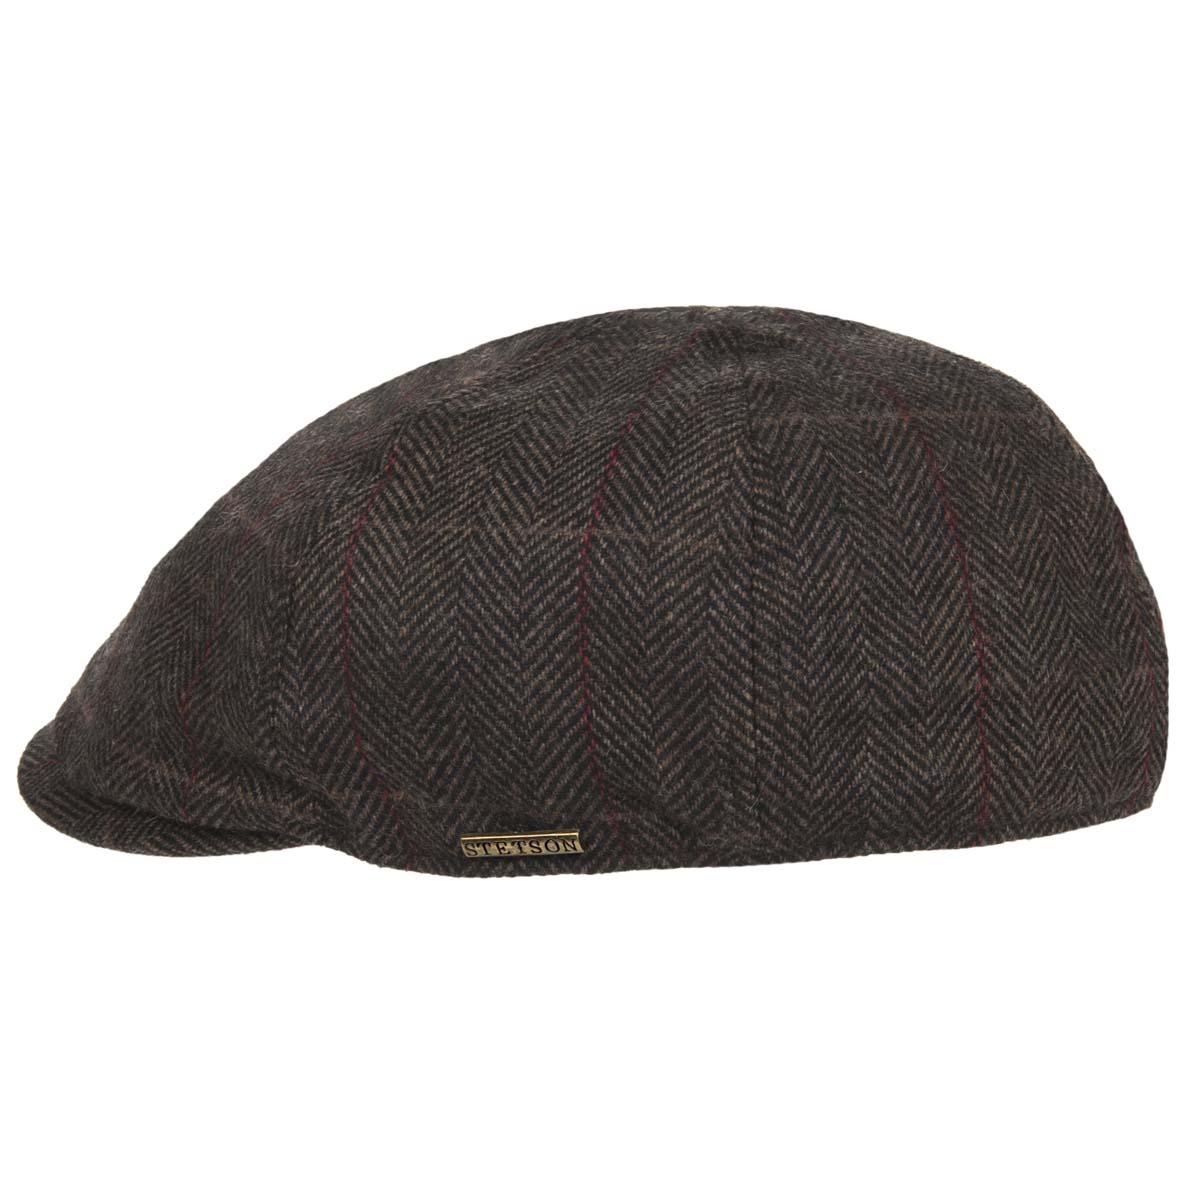 berretto piatto Hiko Wool by Stetson e11dd6196d60